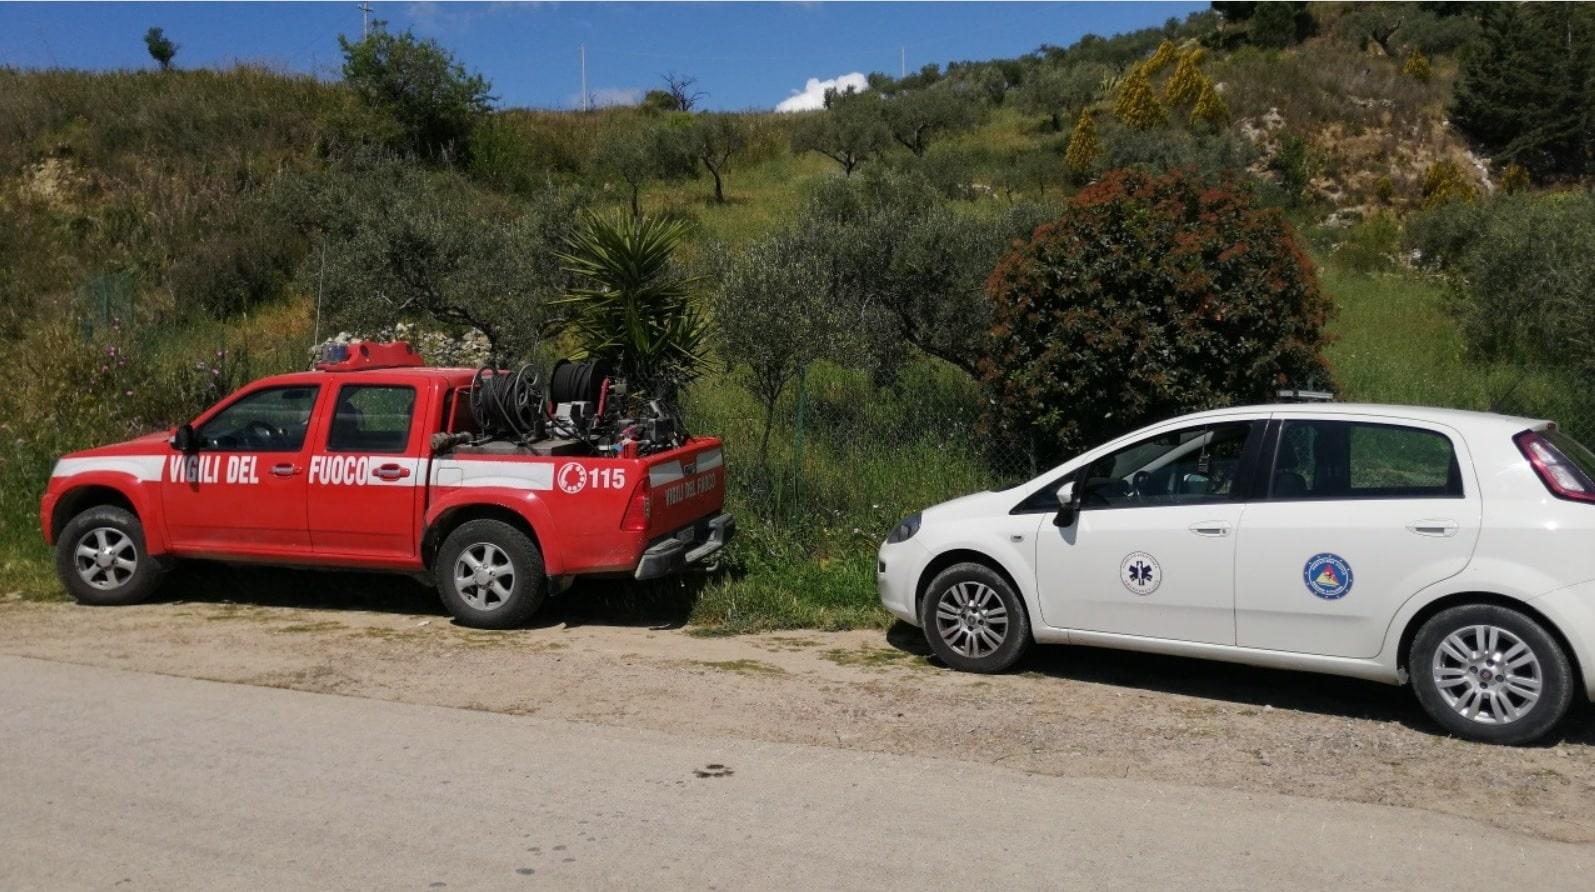 Uomo scompare nel nulla nell'Agrigentino, ore di ansia per Carmelo Gagliano: ricerche in corso